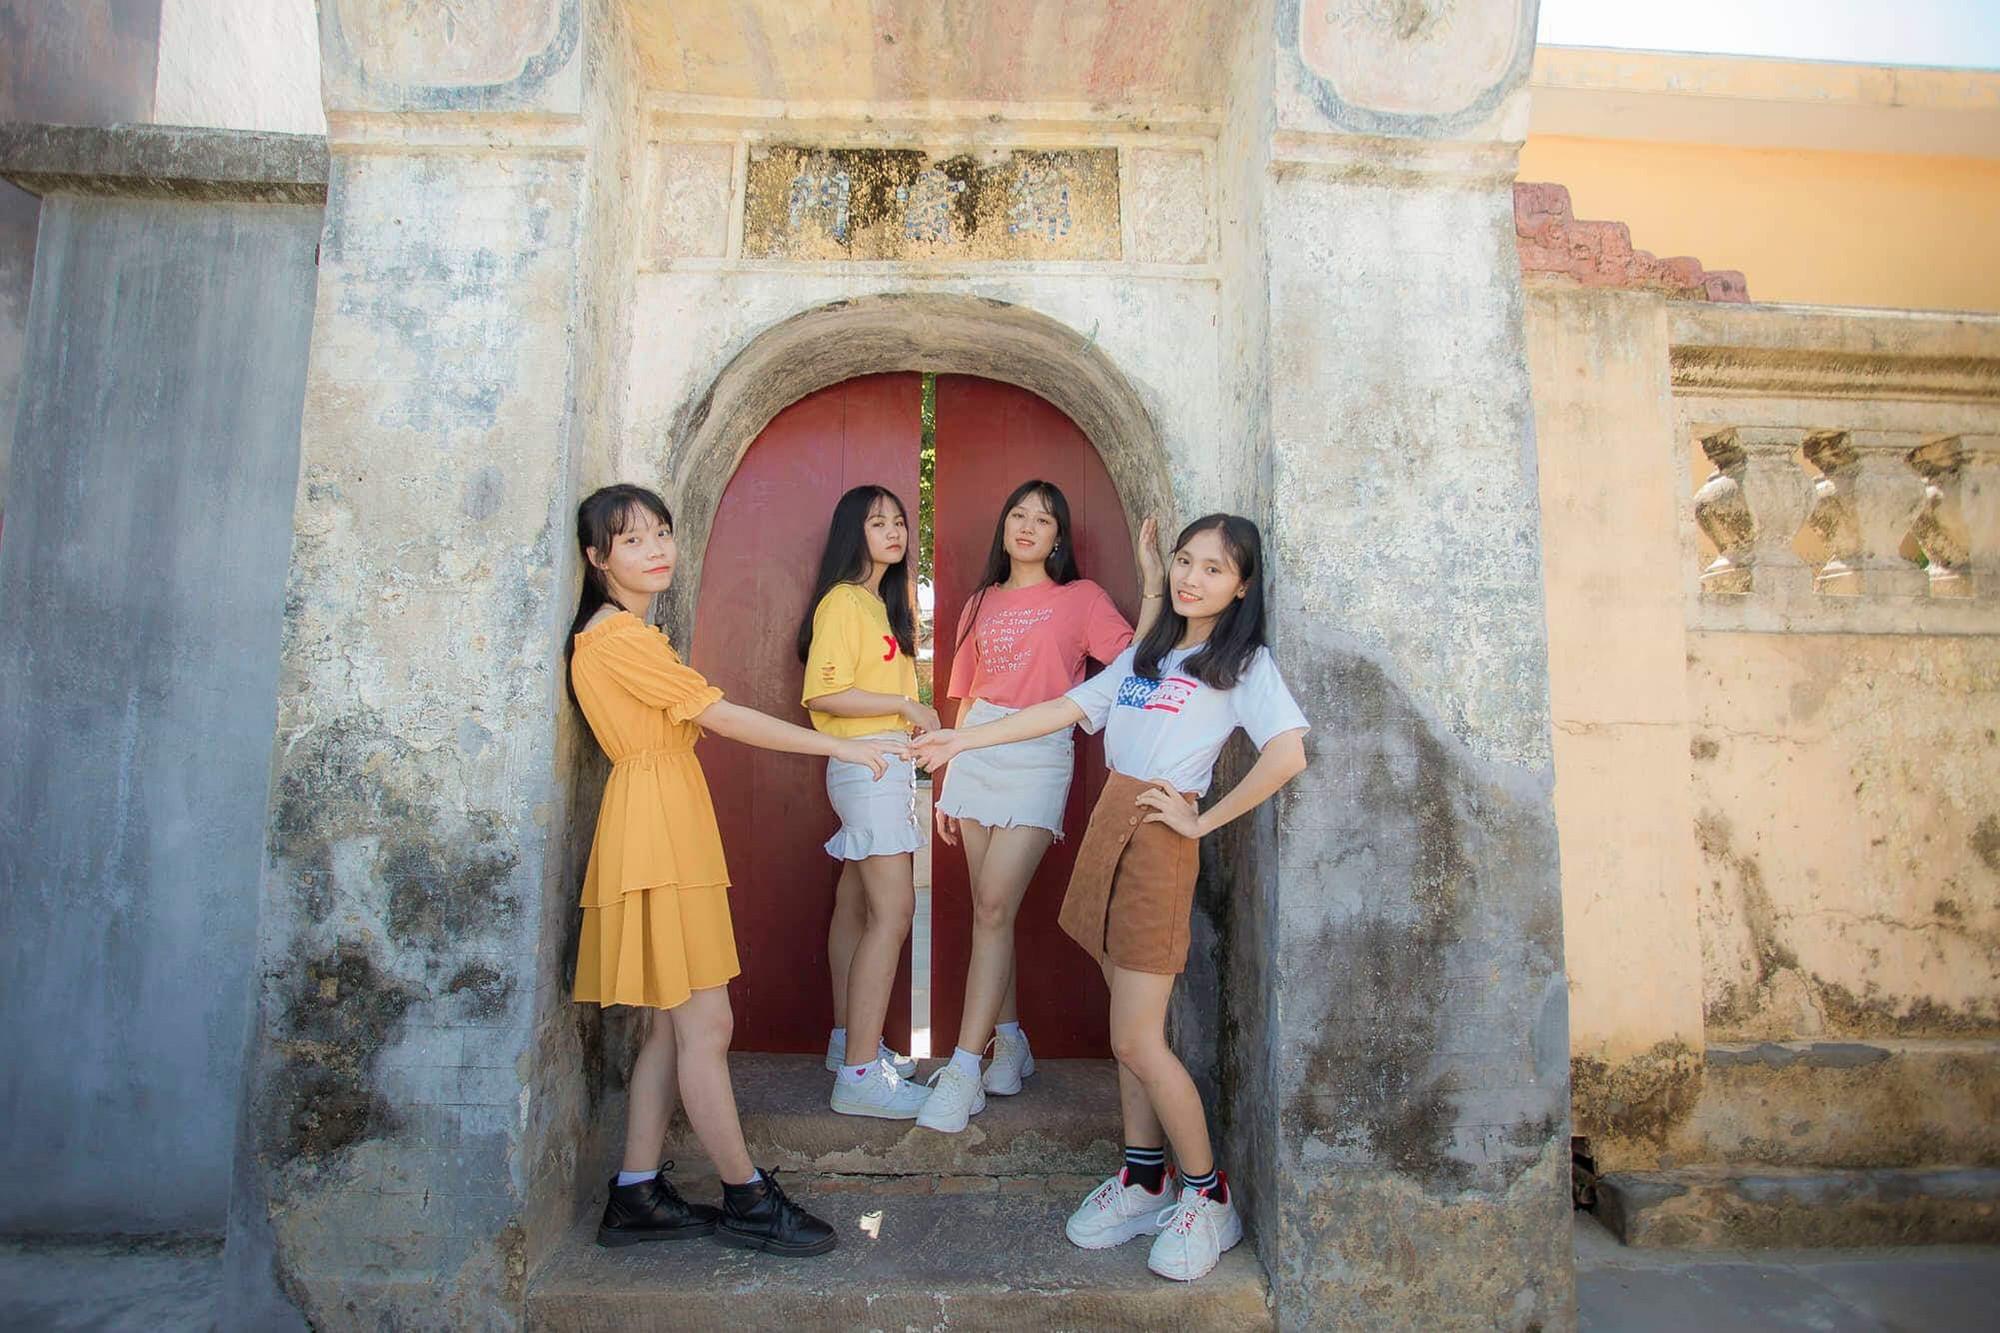 Hơn cả một học sinh giỏi: Vượt qua nỗi đau mất mẹ, nữ sinh Quảng Nam vươn lên đạt điểm văn cao nhất cả nước trong kỳ thi THPT Quốc gia 2019 - Ảnh 14.